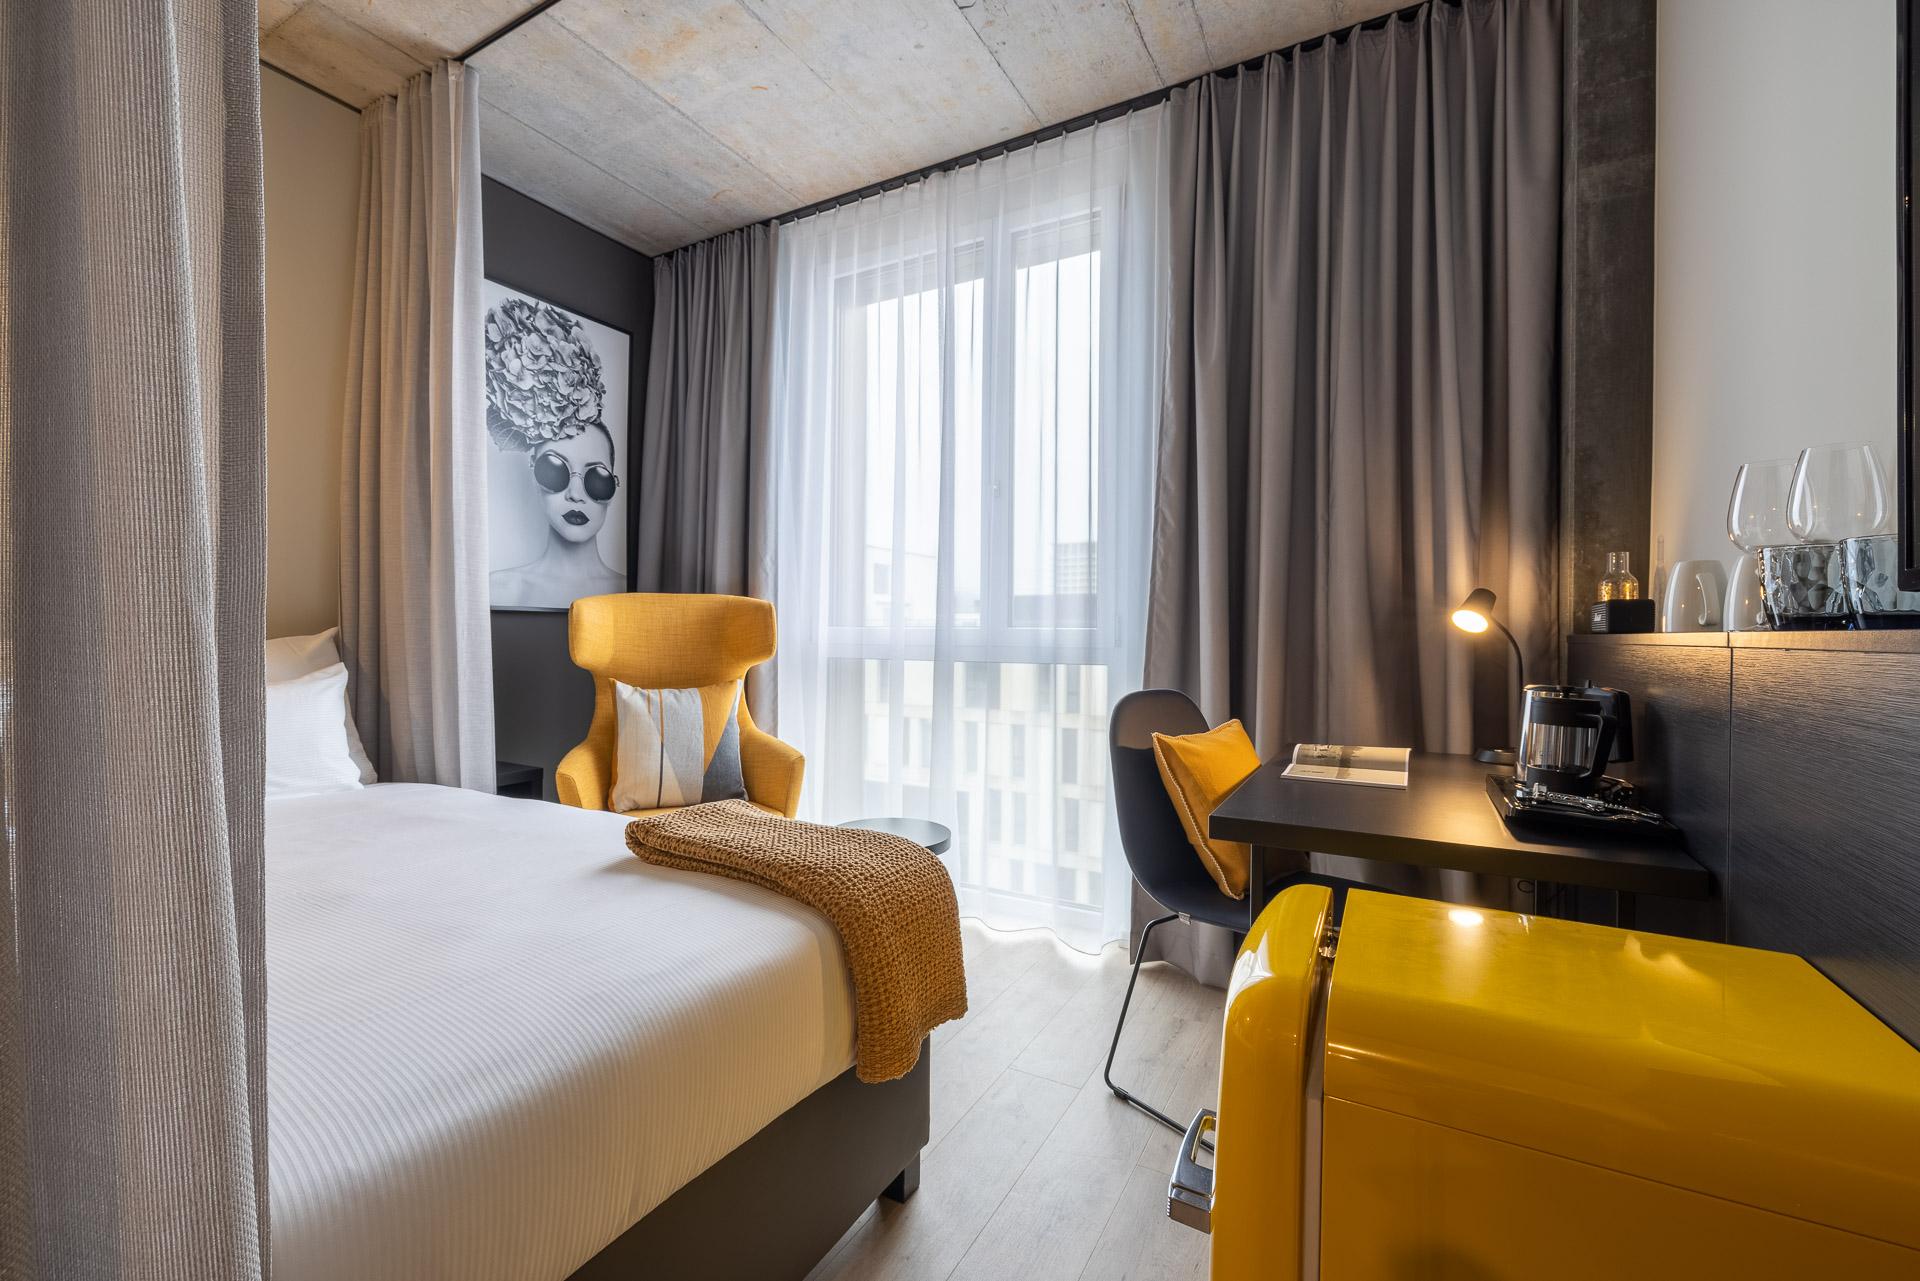 Basic Zimmer mit Bett, gelbem Sessel, Stuhl und Schreibtisch sowie gelben Kühlschrankenzeile